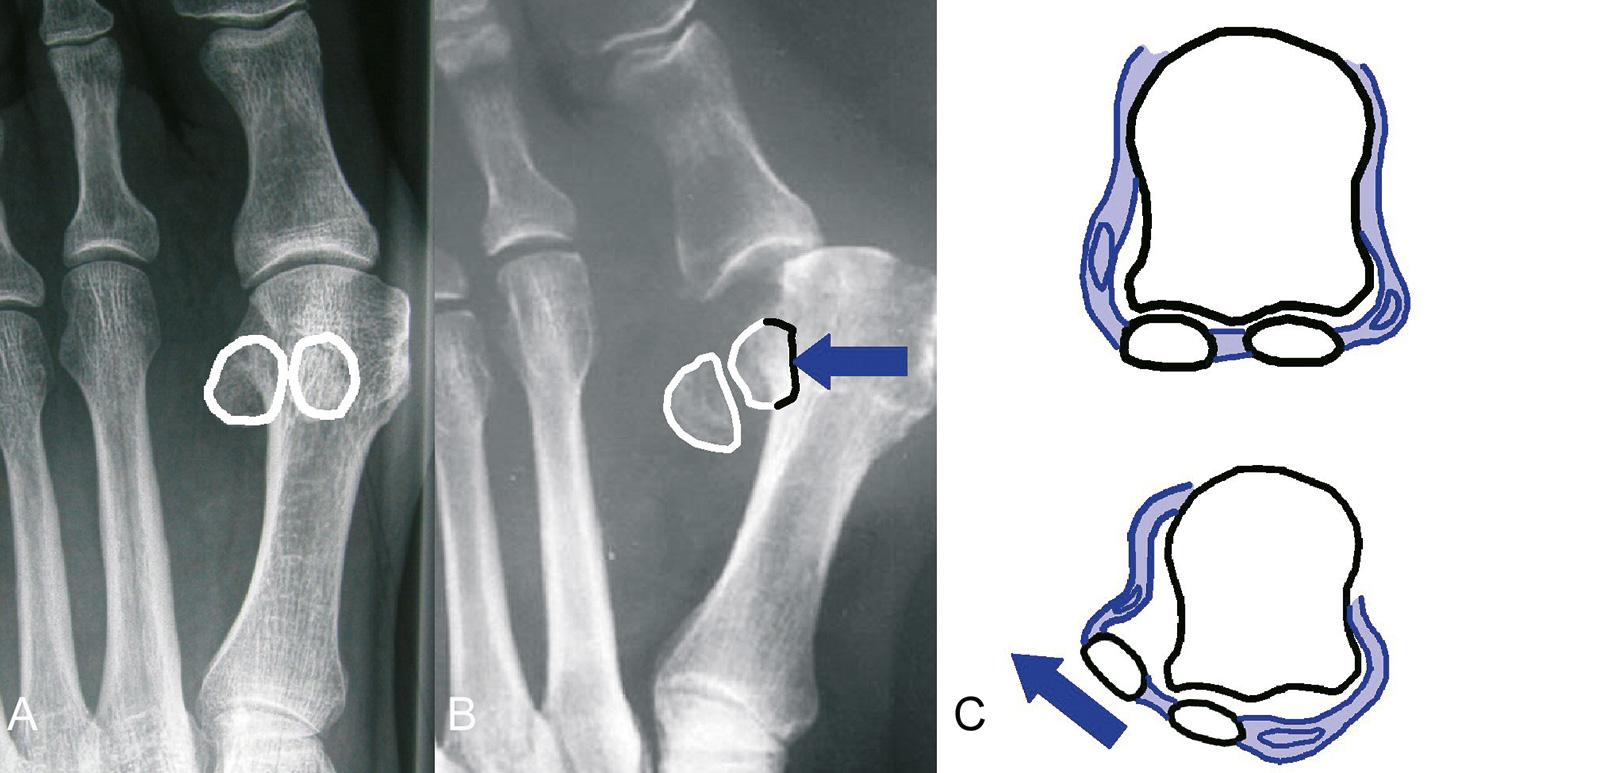 Abb. 6-5: Hallux valgus ohne (A) und mit Subluxation der Sesambeine (B), Schemazeichnung der lateralen Subluxation der Sesambeine (C)